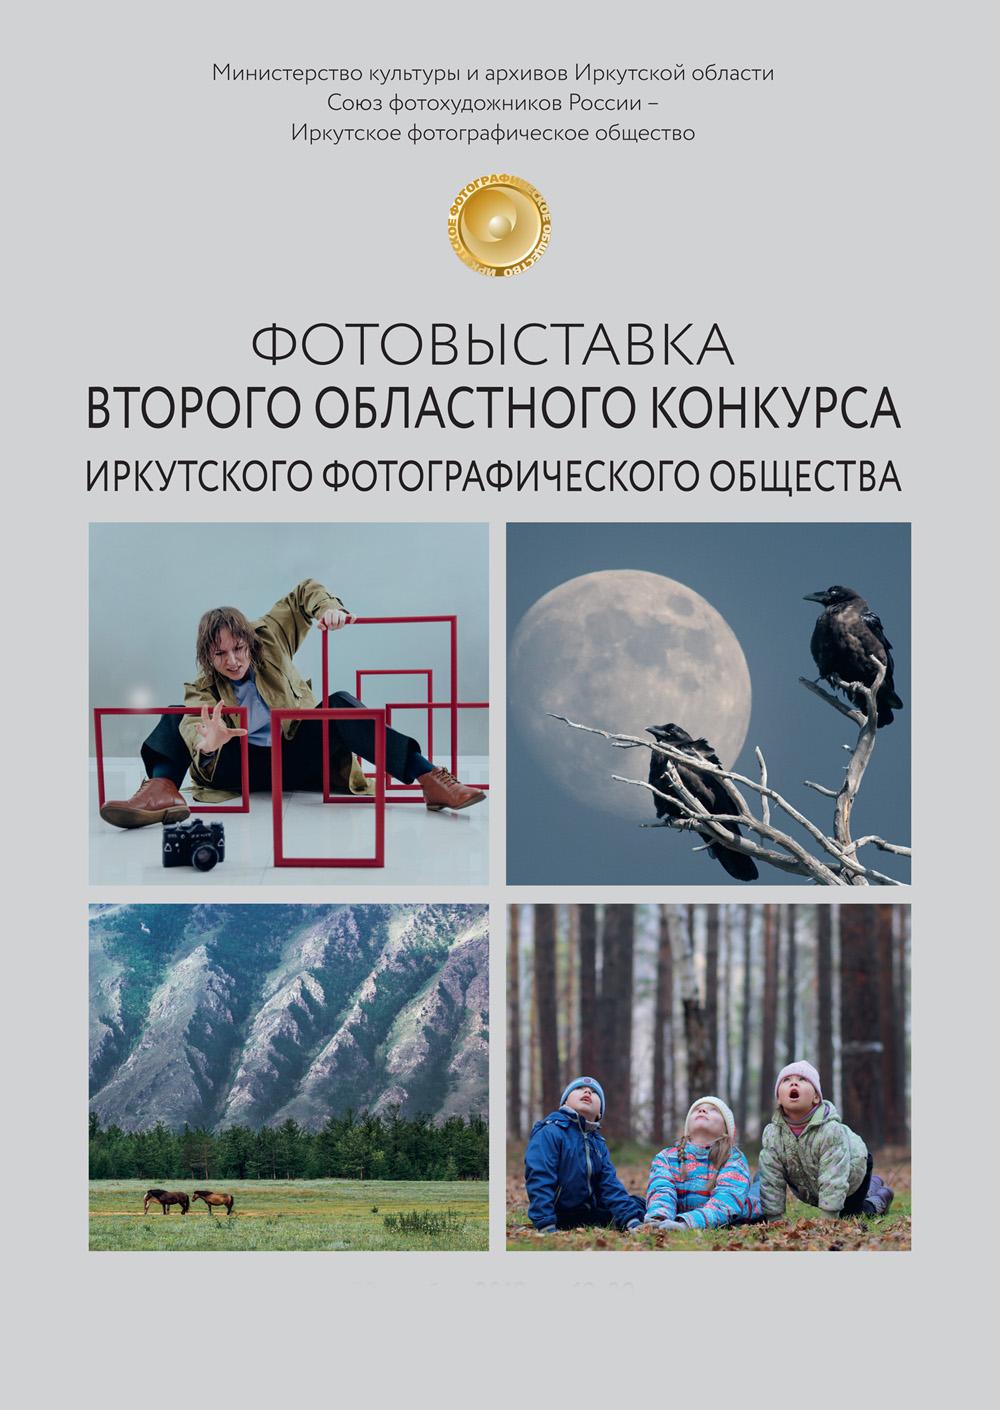 Приглашаем посетить фотовыставку иркутского фотографического общества